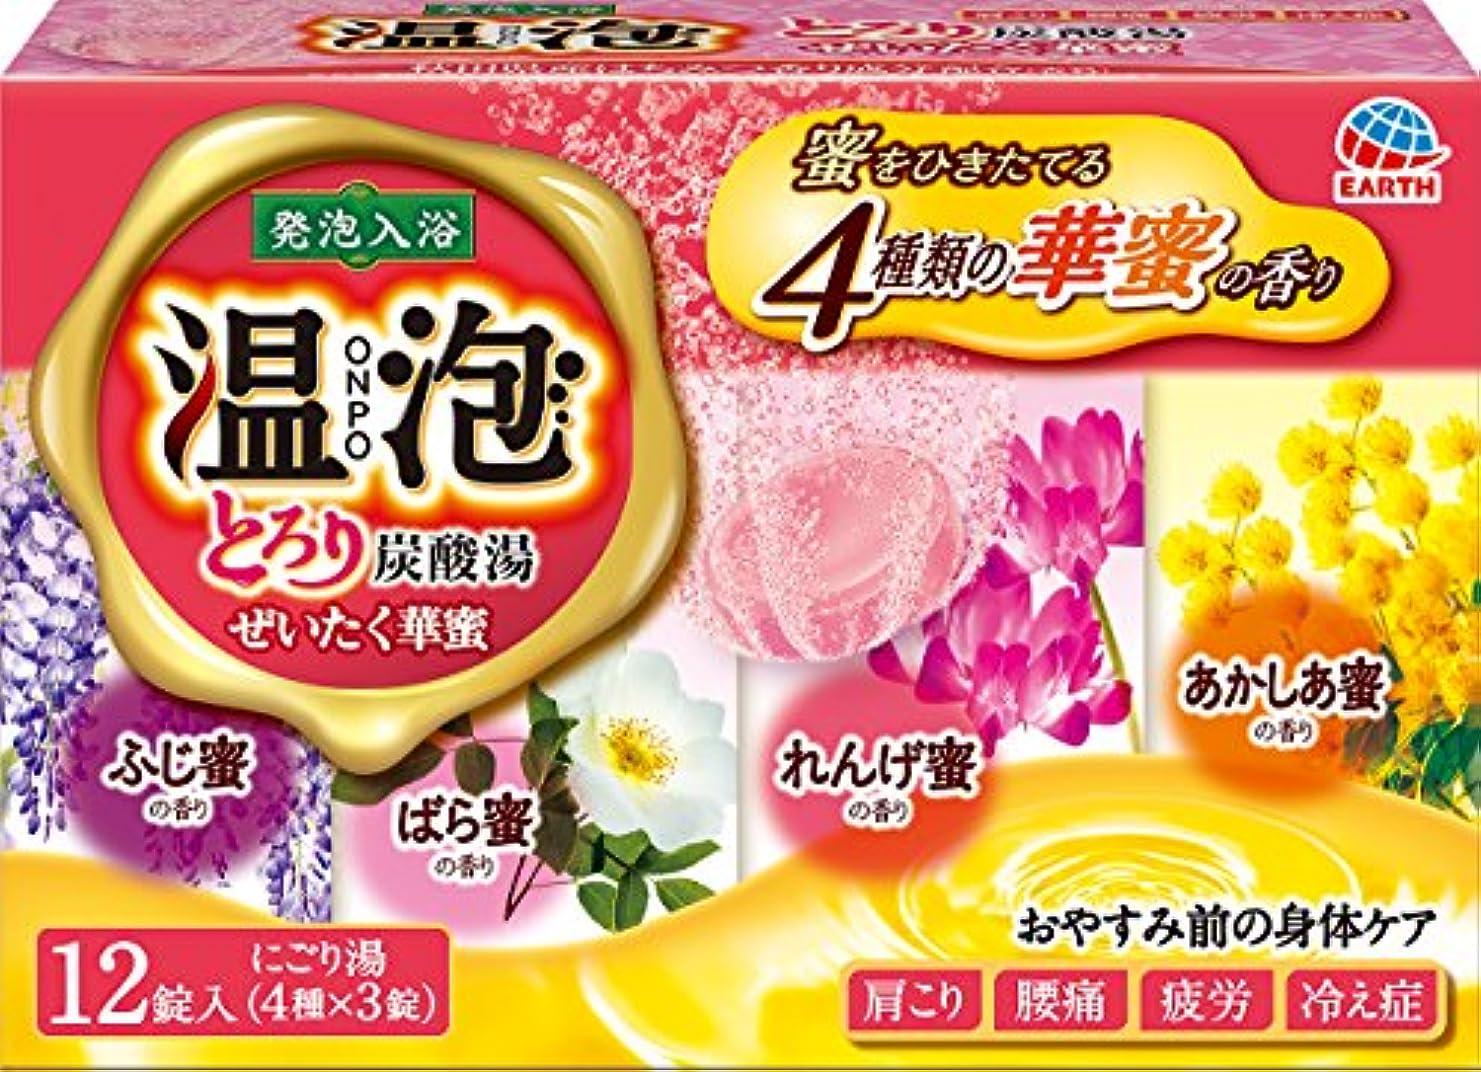 【医薬部外品】 アース製薬 温泡 ONPO とろり炭酸湯 ぜいたく華蜜 入浴剤 12錠入(3錠x4種)